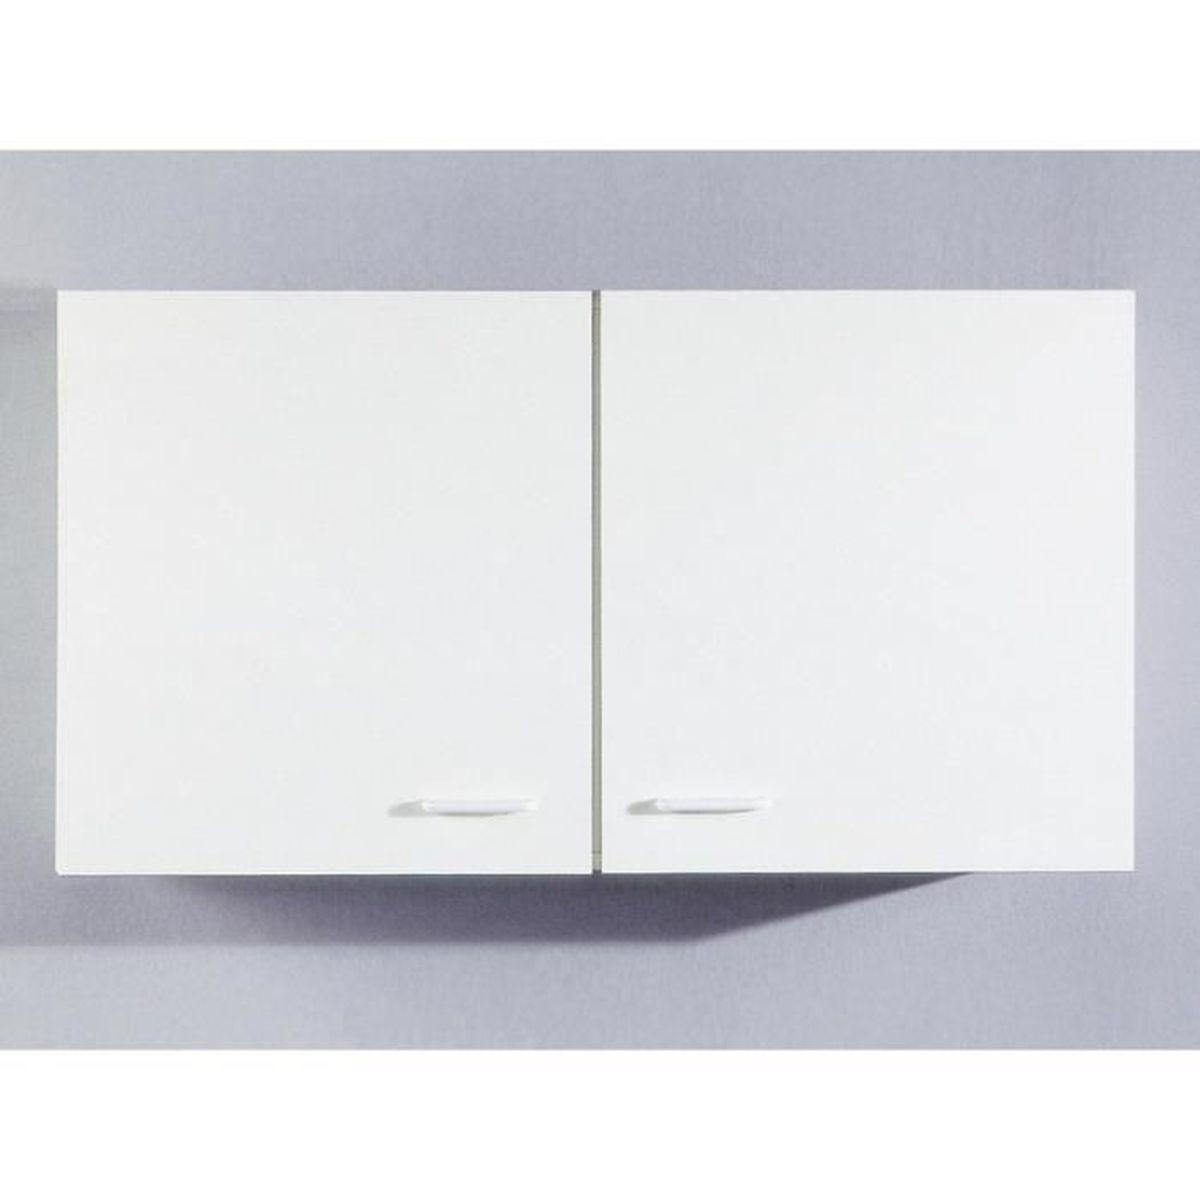 Meuble haut de cuisine Tupi 100 cm Blanc - Achat / Vente éléments ...